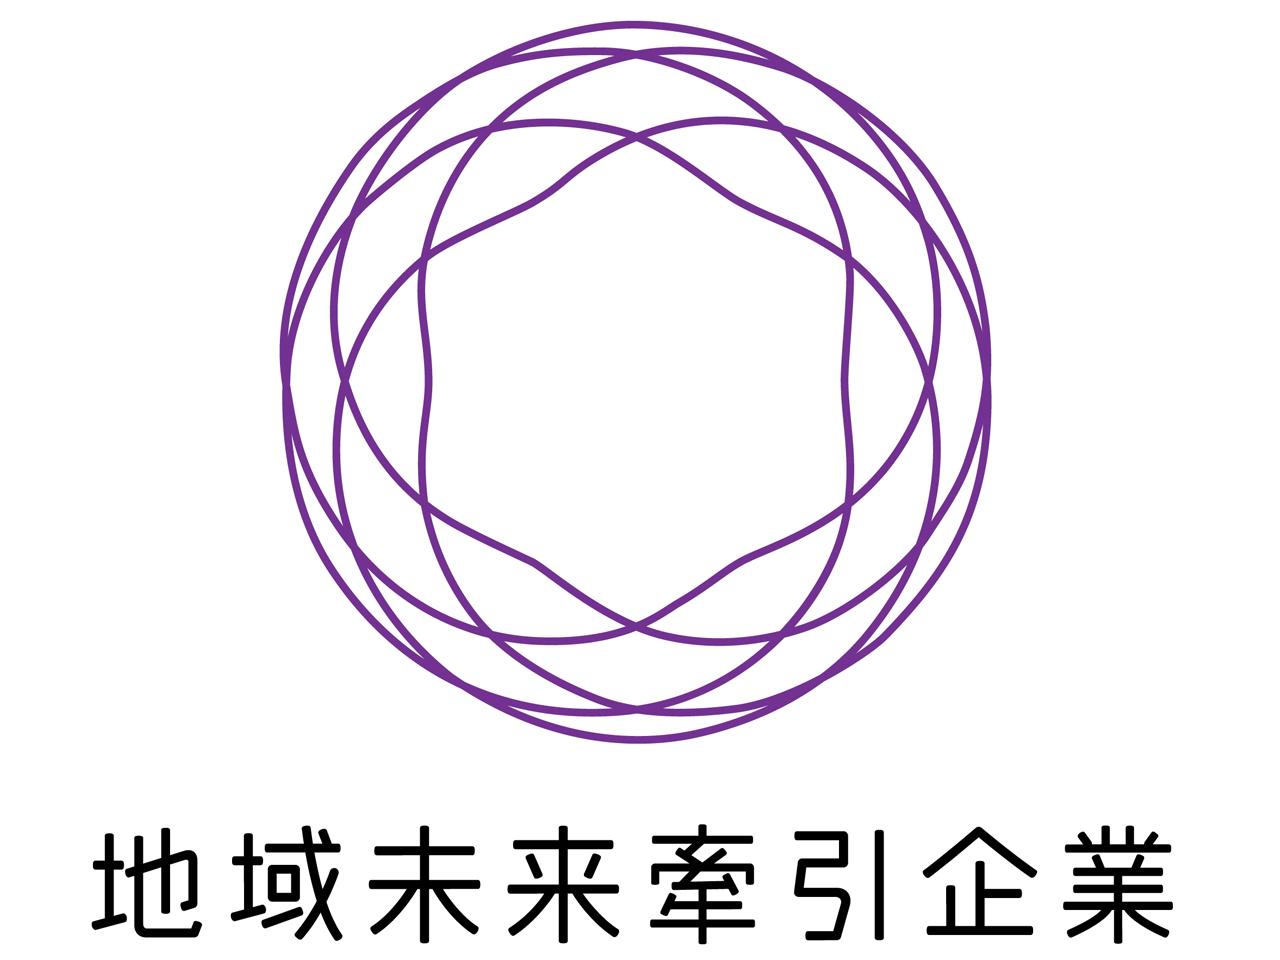 地域未来牽引企業_縦組みlogo_HP用